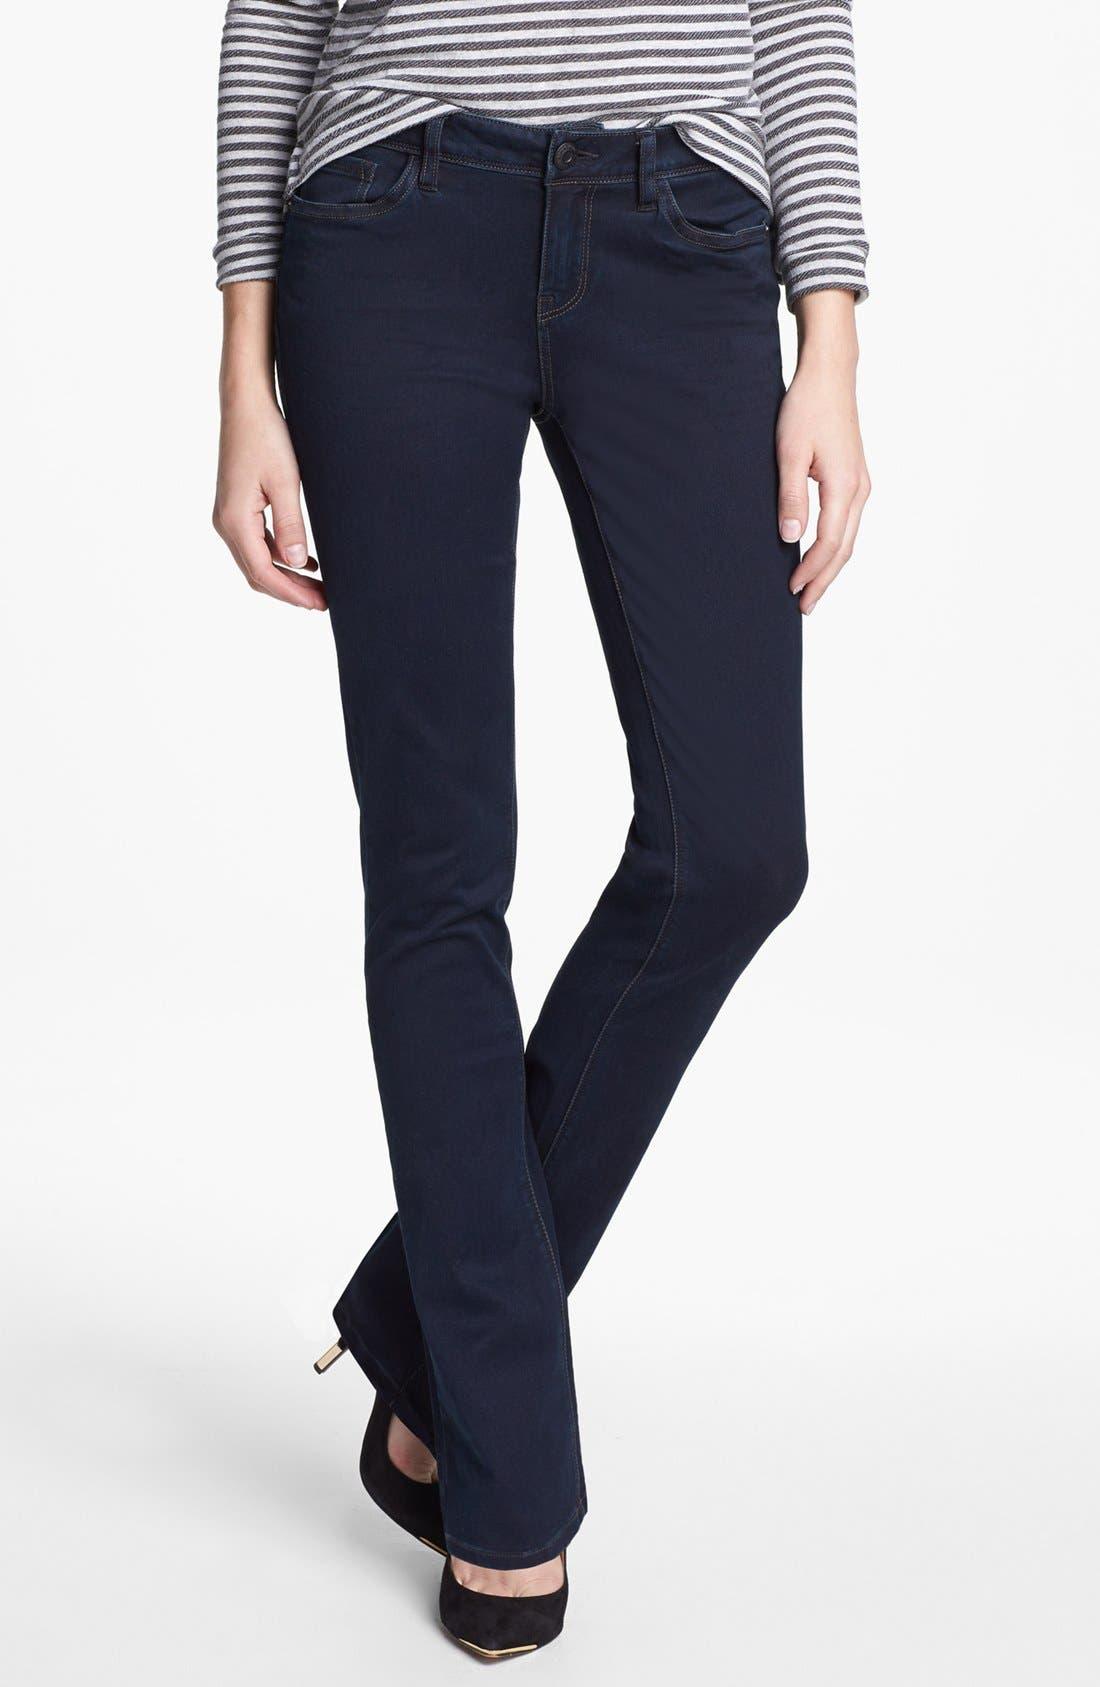 Main Image - kensie Skinny Bootcut Jeans (Black Metal)